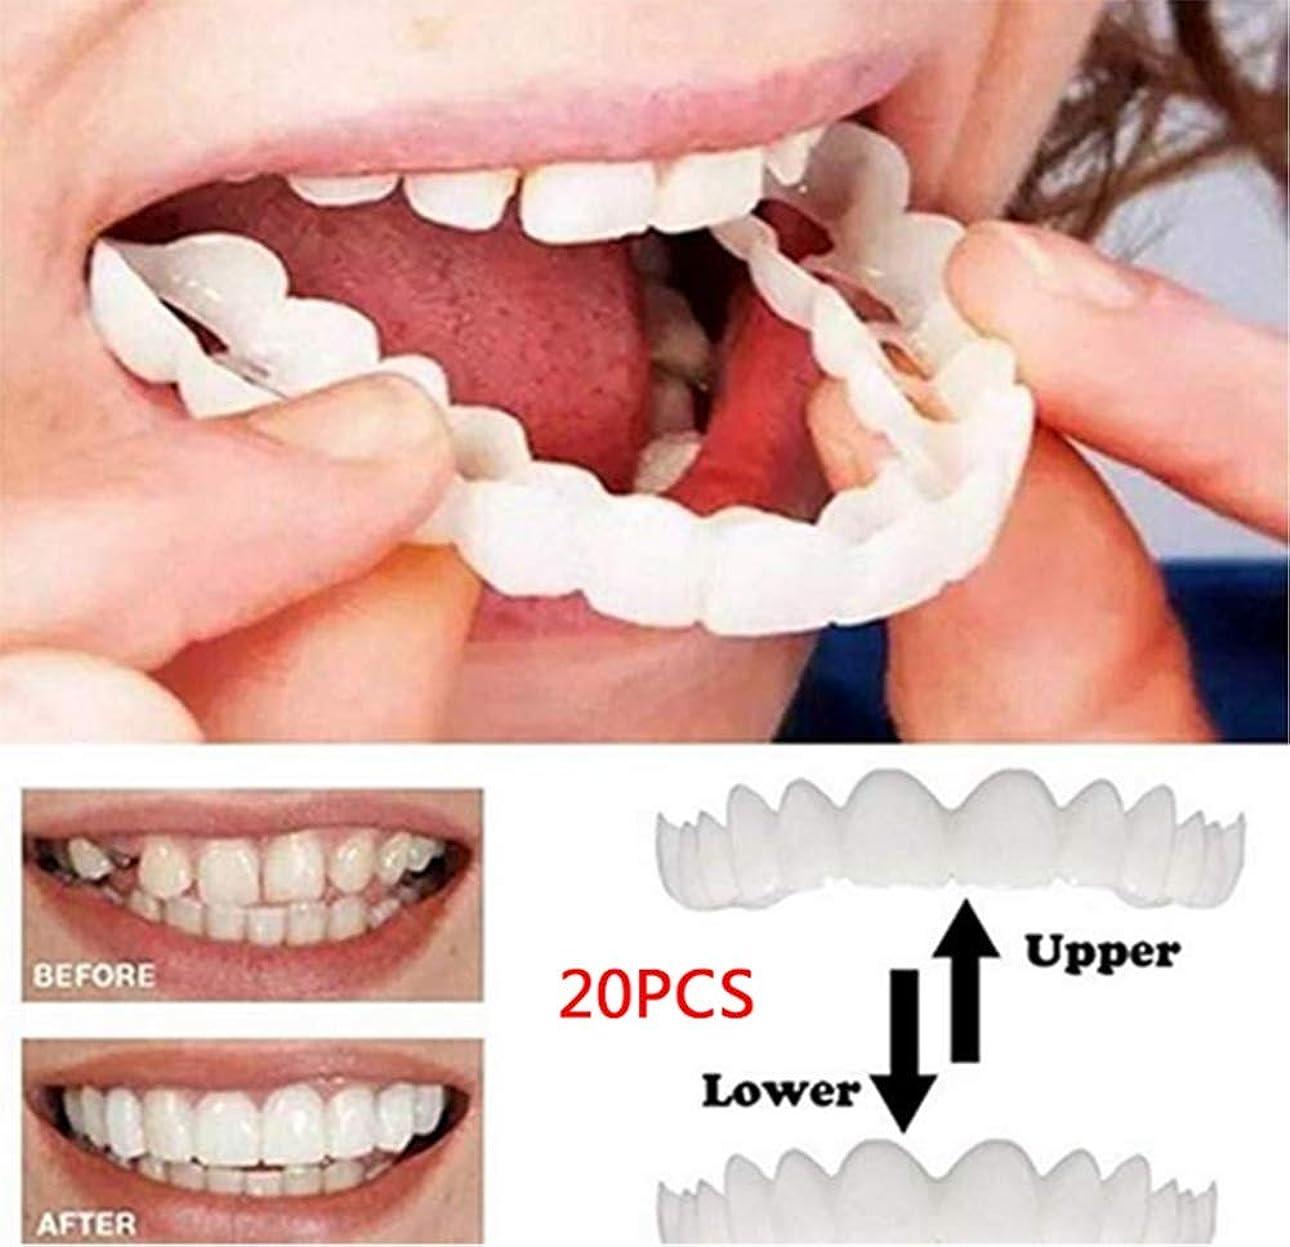 合意ふざけた光景20ピース上部と下部の一時的な笑顔の快適さ化粧品の歯、義歯化粧品の歯を快適にする再利用可能な大人快適な歯突き板、10ペア、ワンサイズ